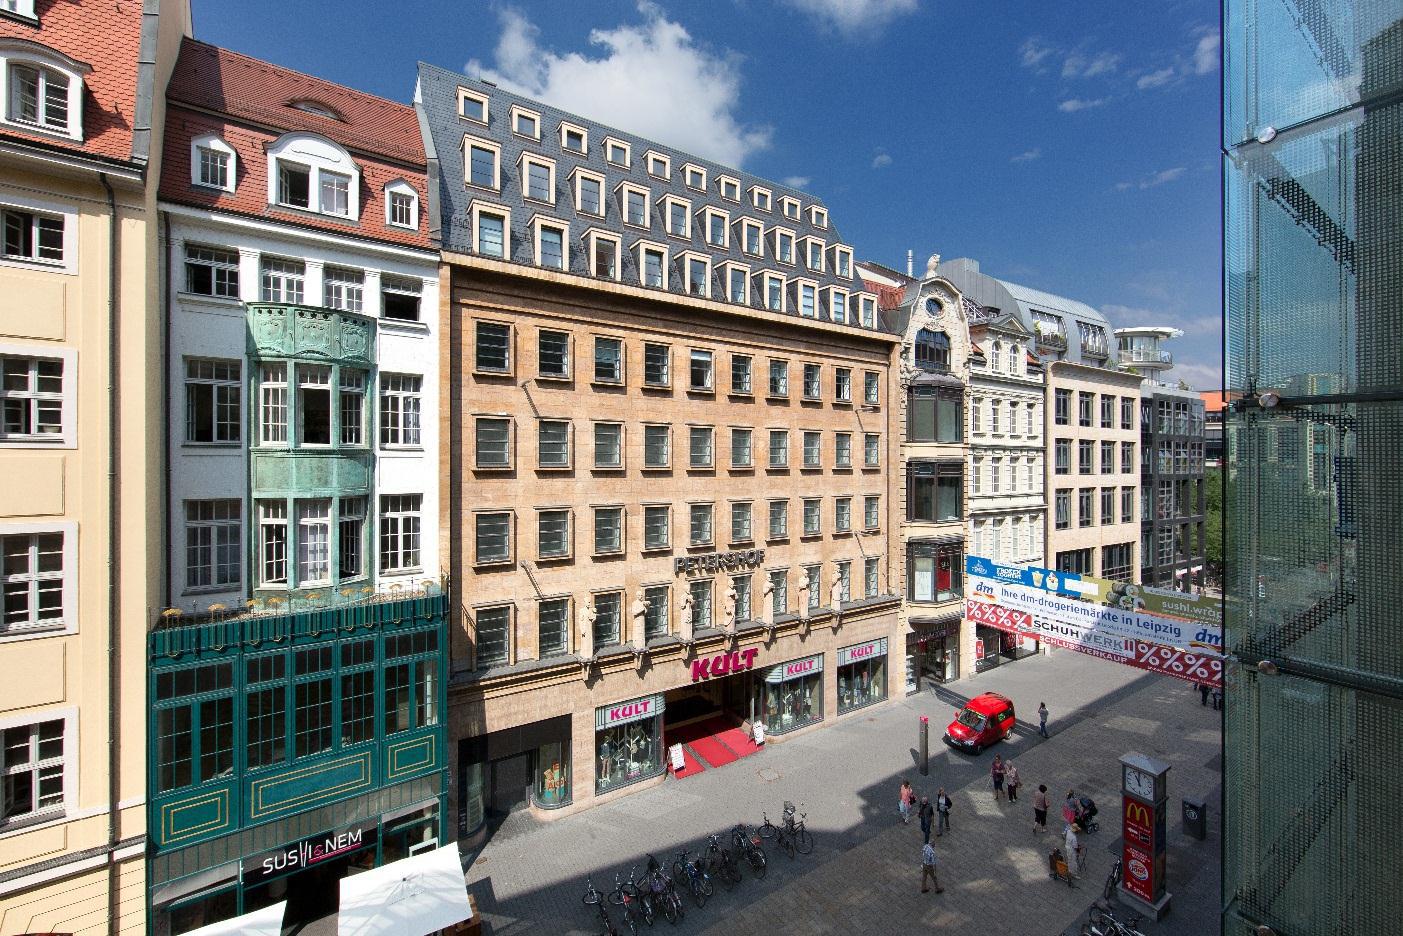 Der Petershof ist eines der bekanntesten historischen Gebäude der Leipziger Innenstadt